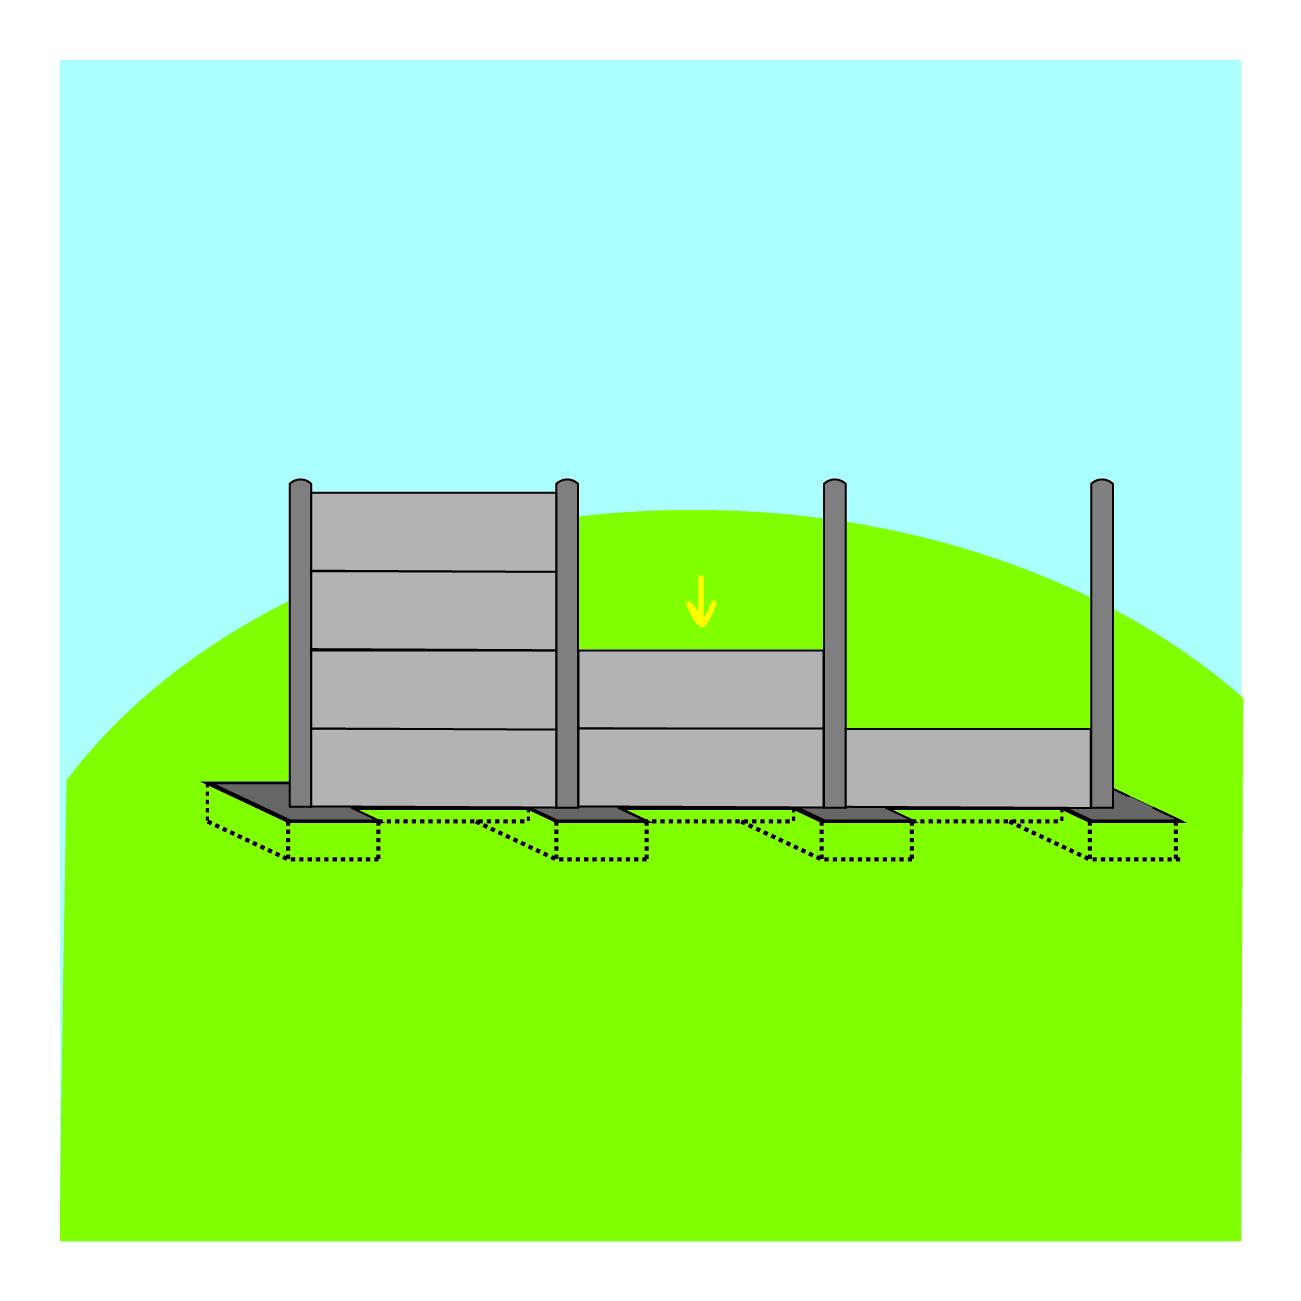 plaque pleine gravillonn e cl ture d limitation penez herman. Black Bedroom Furniture Sets. Home Design Ideas